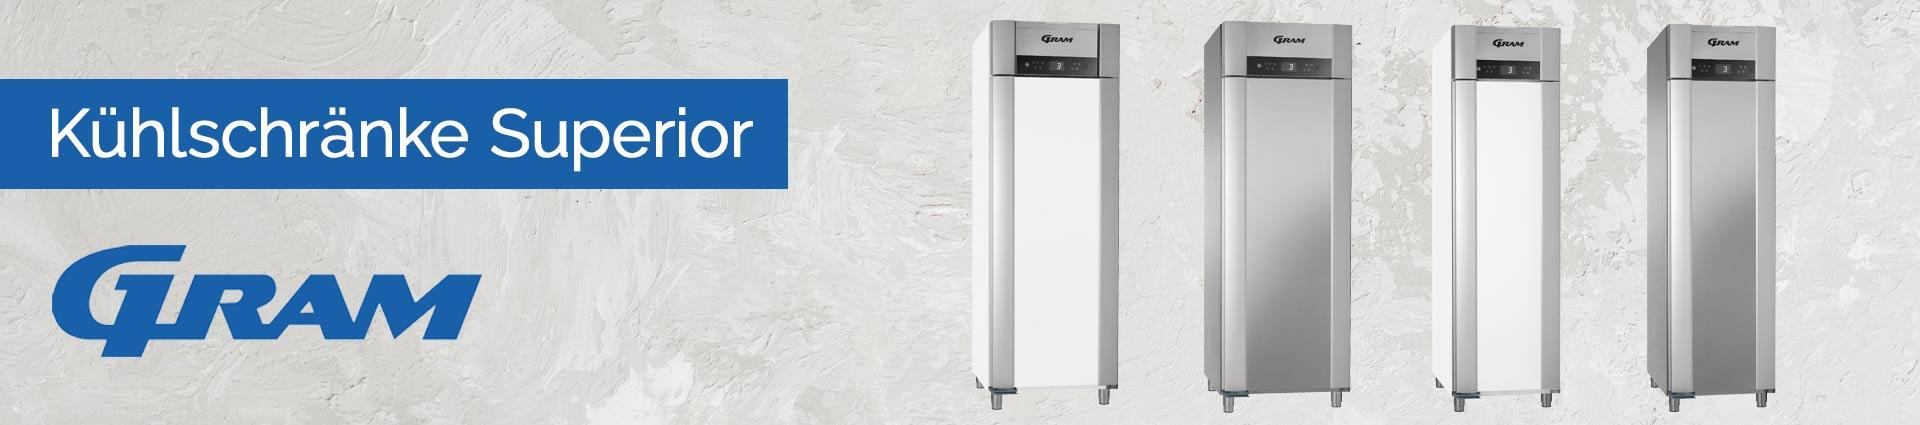 GRAM Kühlschränke Superior Banner